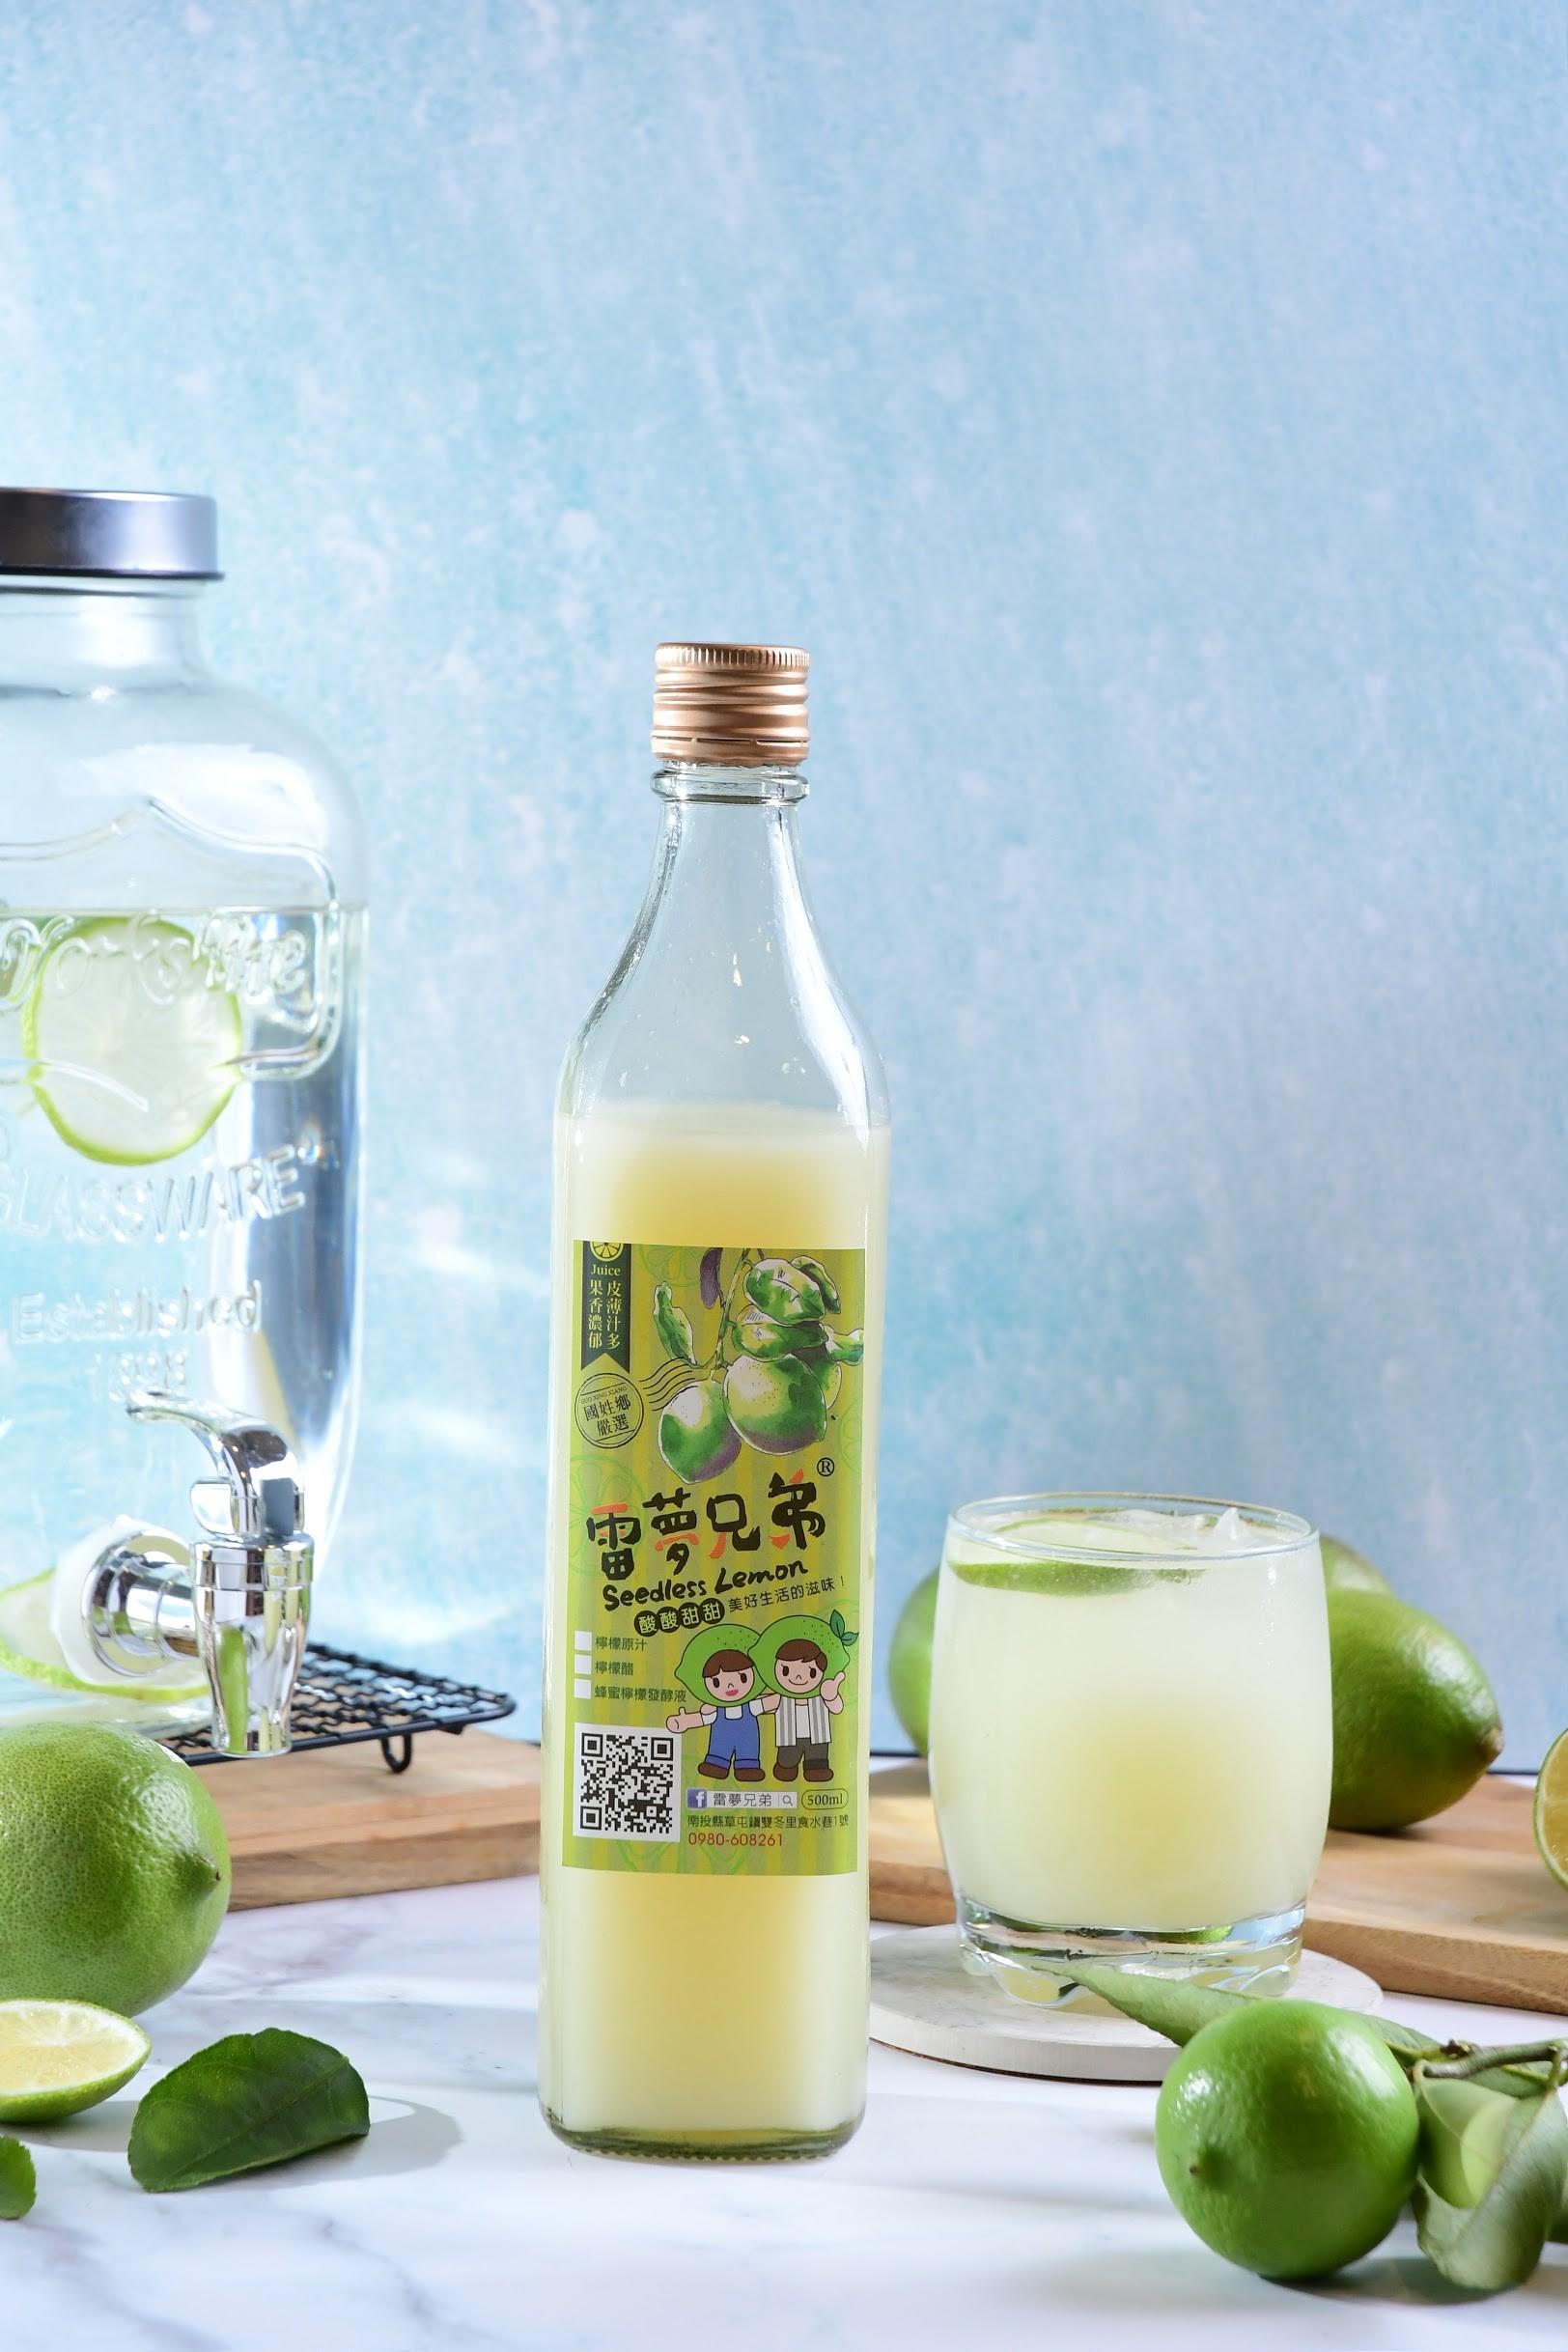 感恩回饋結帳輸入折扣碼「IU205AQRTSRP」,在打【75】折-【免運費】特價無毒檸檬原汁 | 鮮檸檬汁 | 檸檬汁 | 檸檬水 | TLS全新生活 (20瓶裝)500cc&